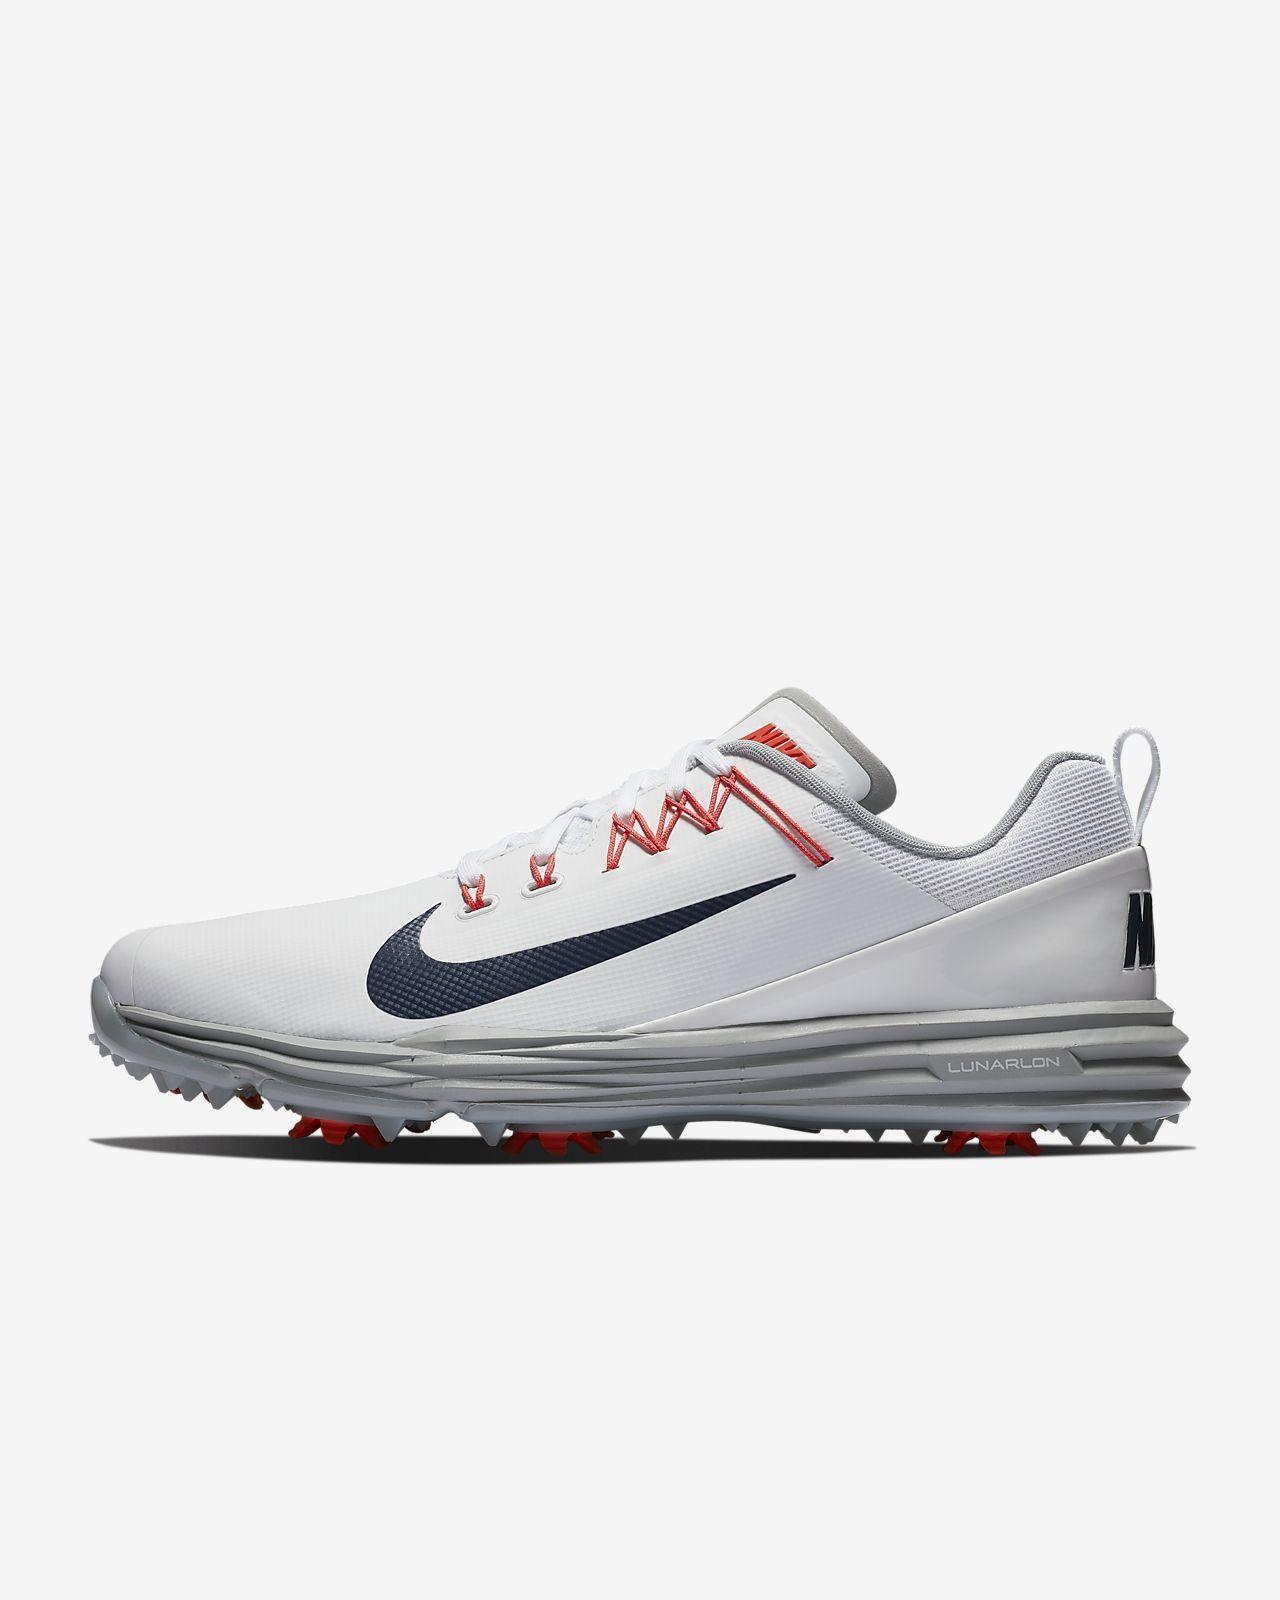 Nike Lunar Command 2 Herren-Golfschuh